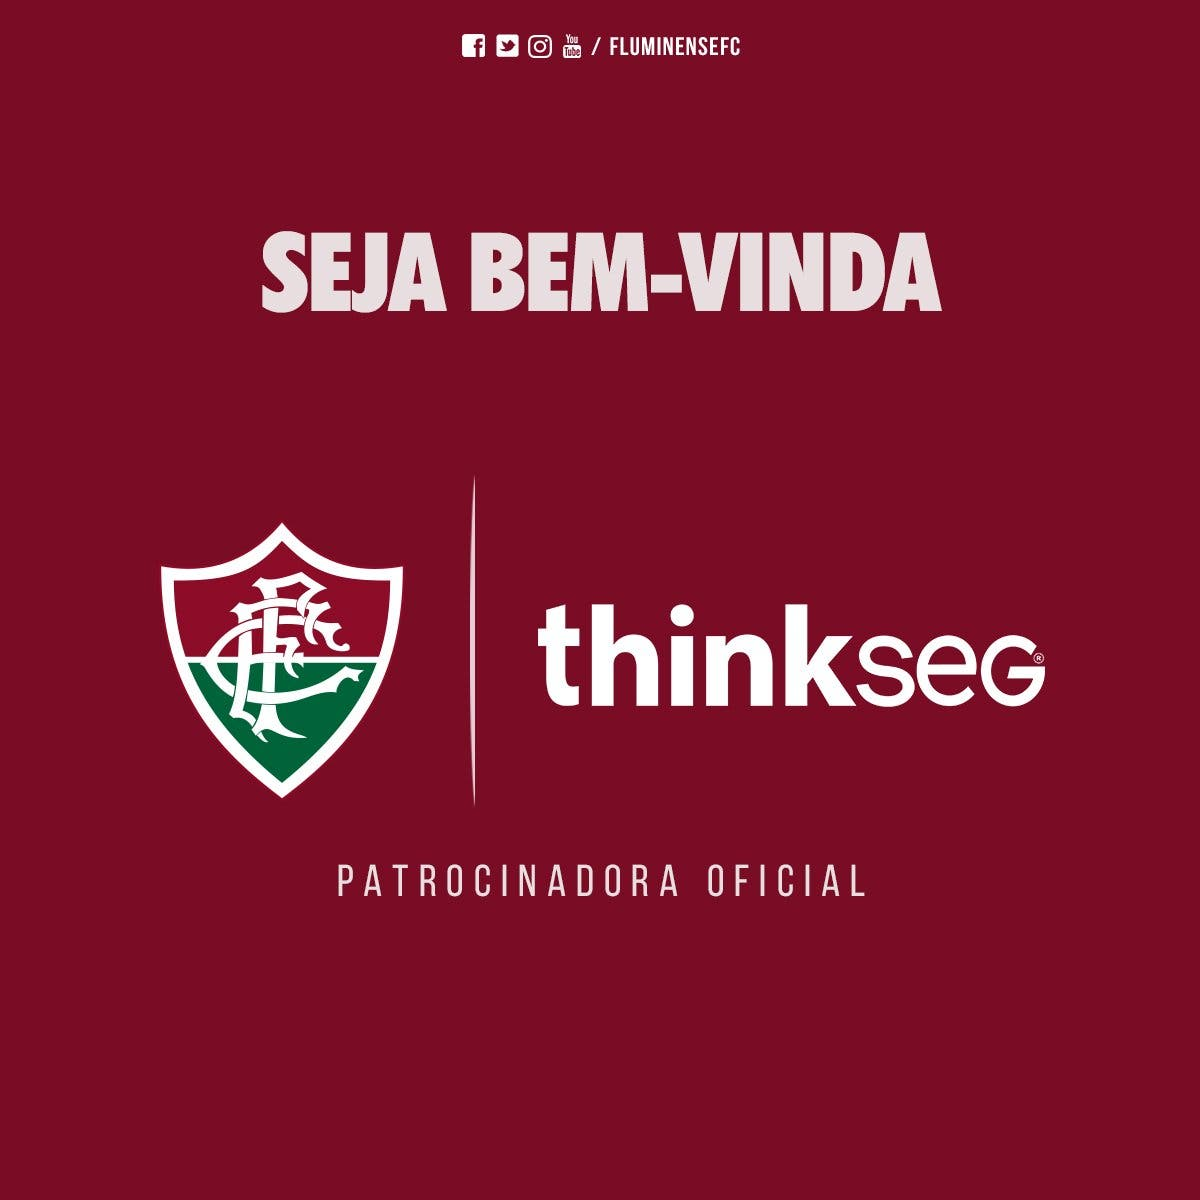 Fluminense anuncia oficialmente novo patrocinador  aa33523727aed